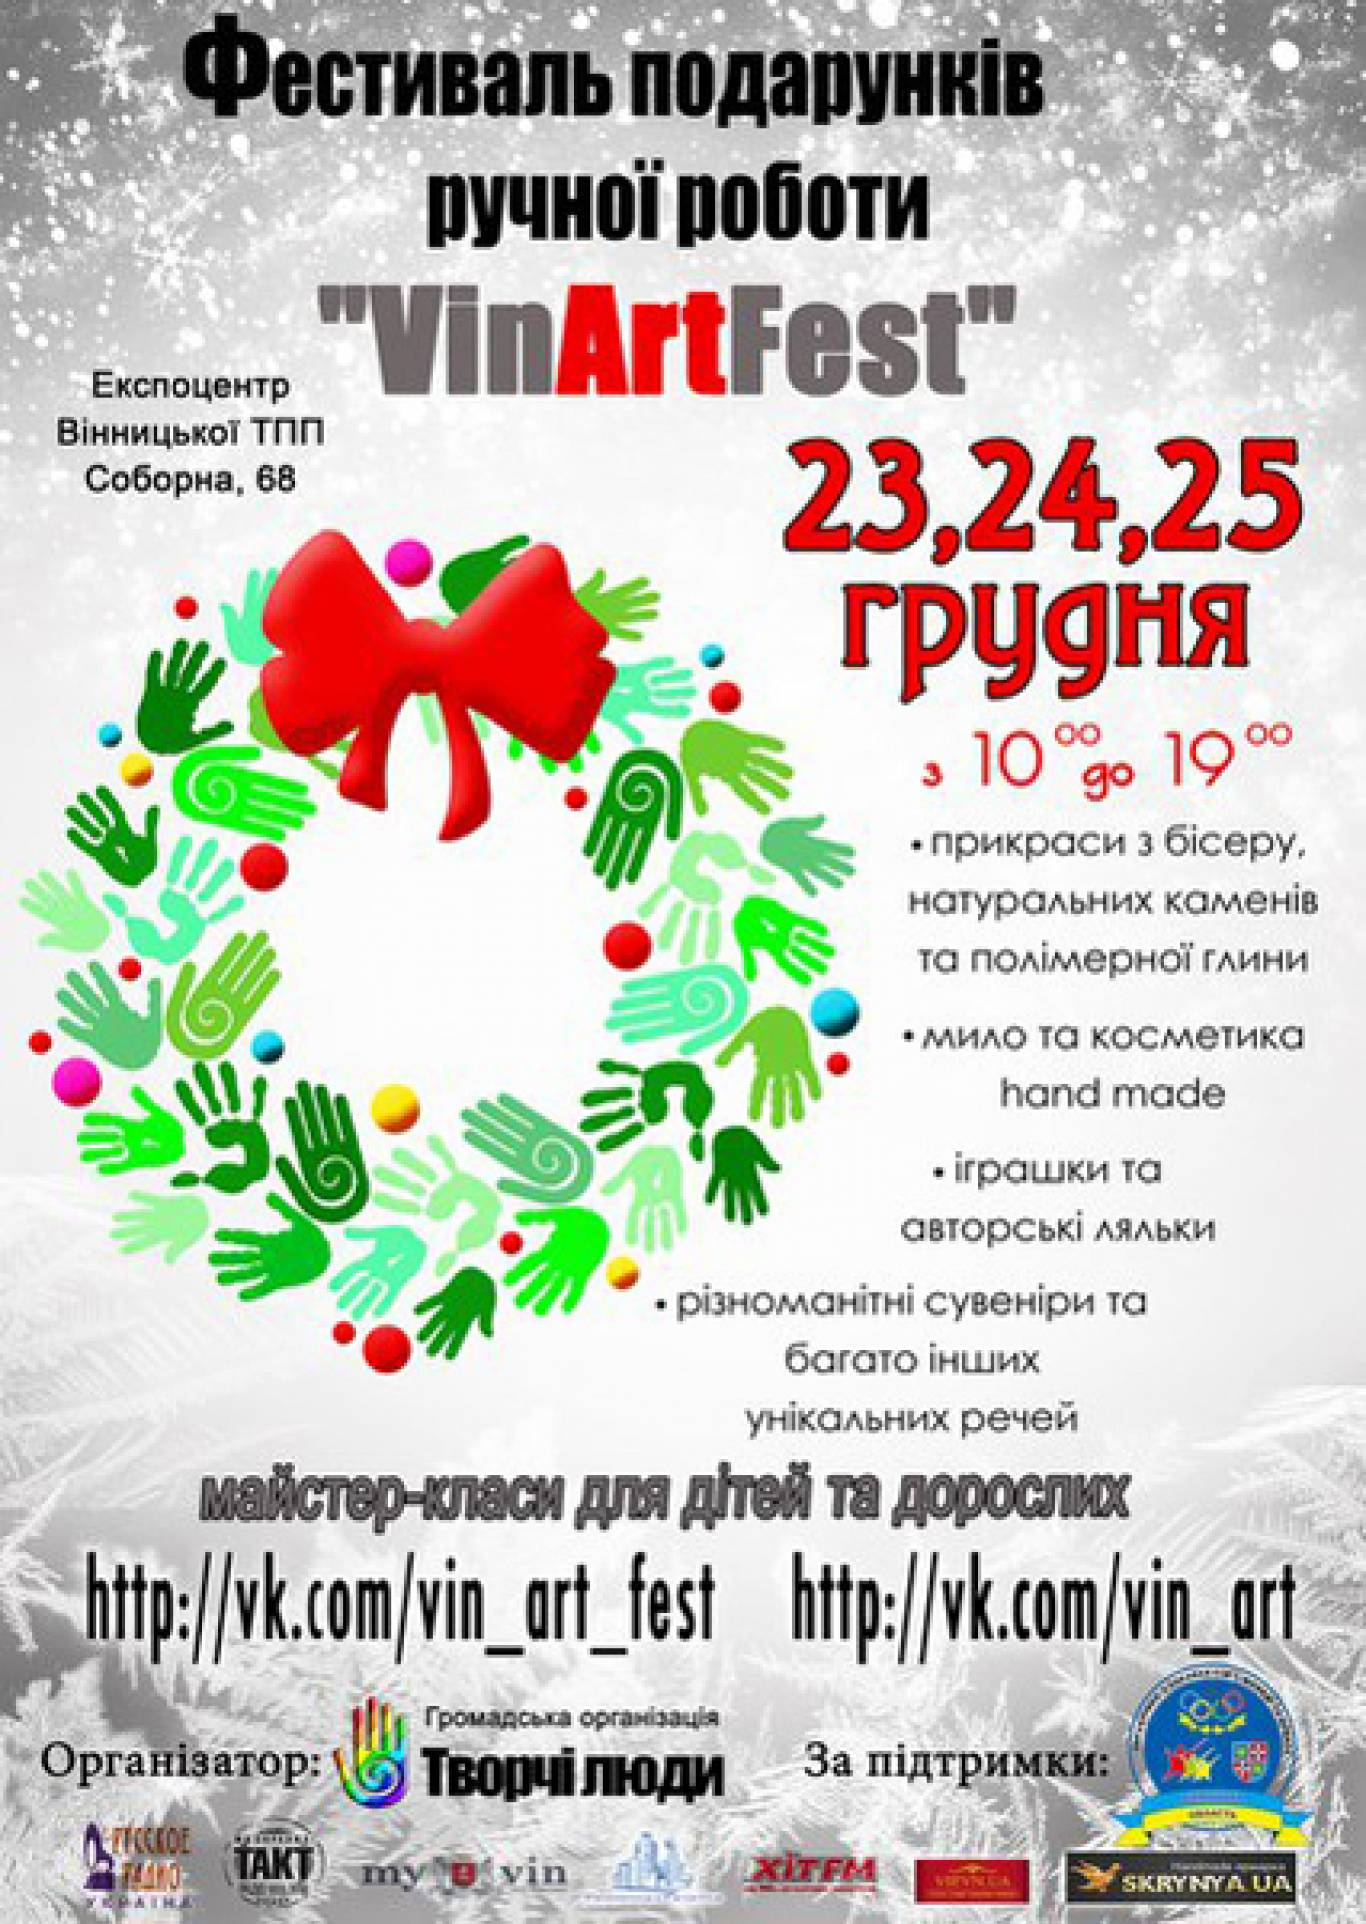 """Фестиваль подарунків ручної роботи """"VinArtFest"""""""